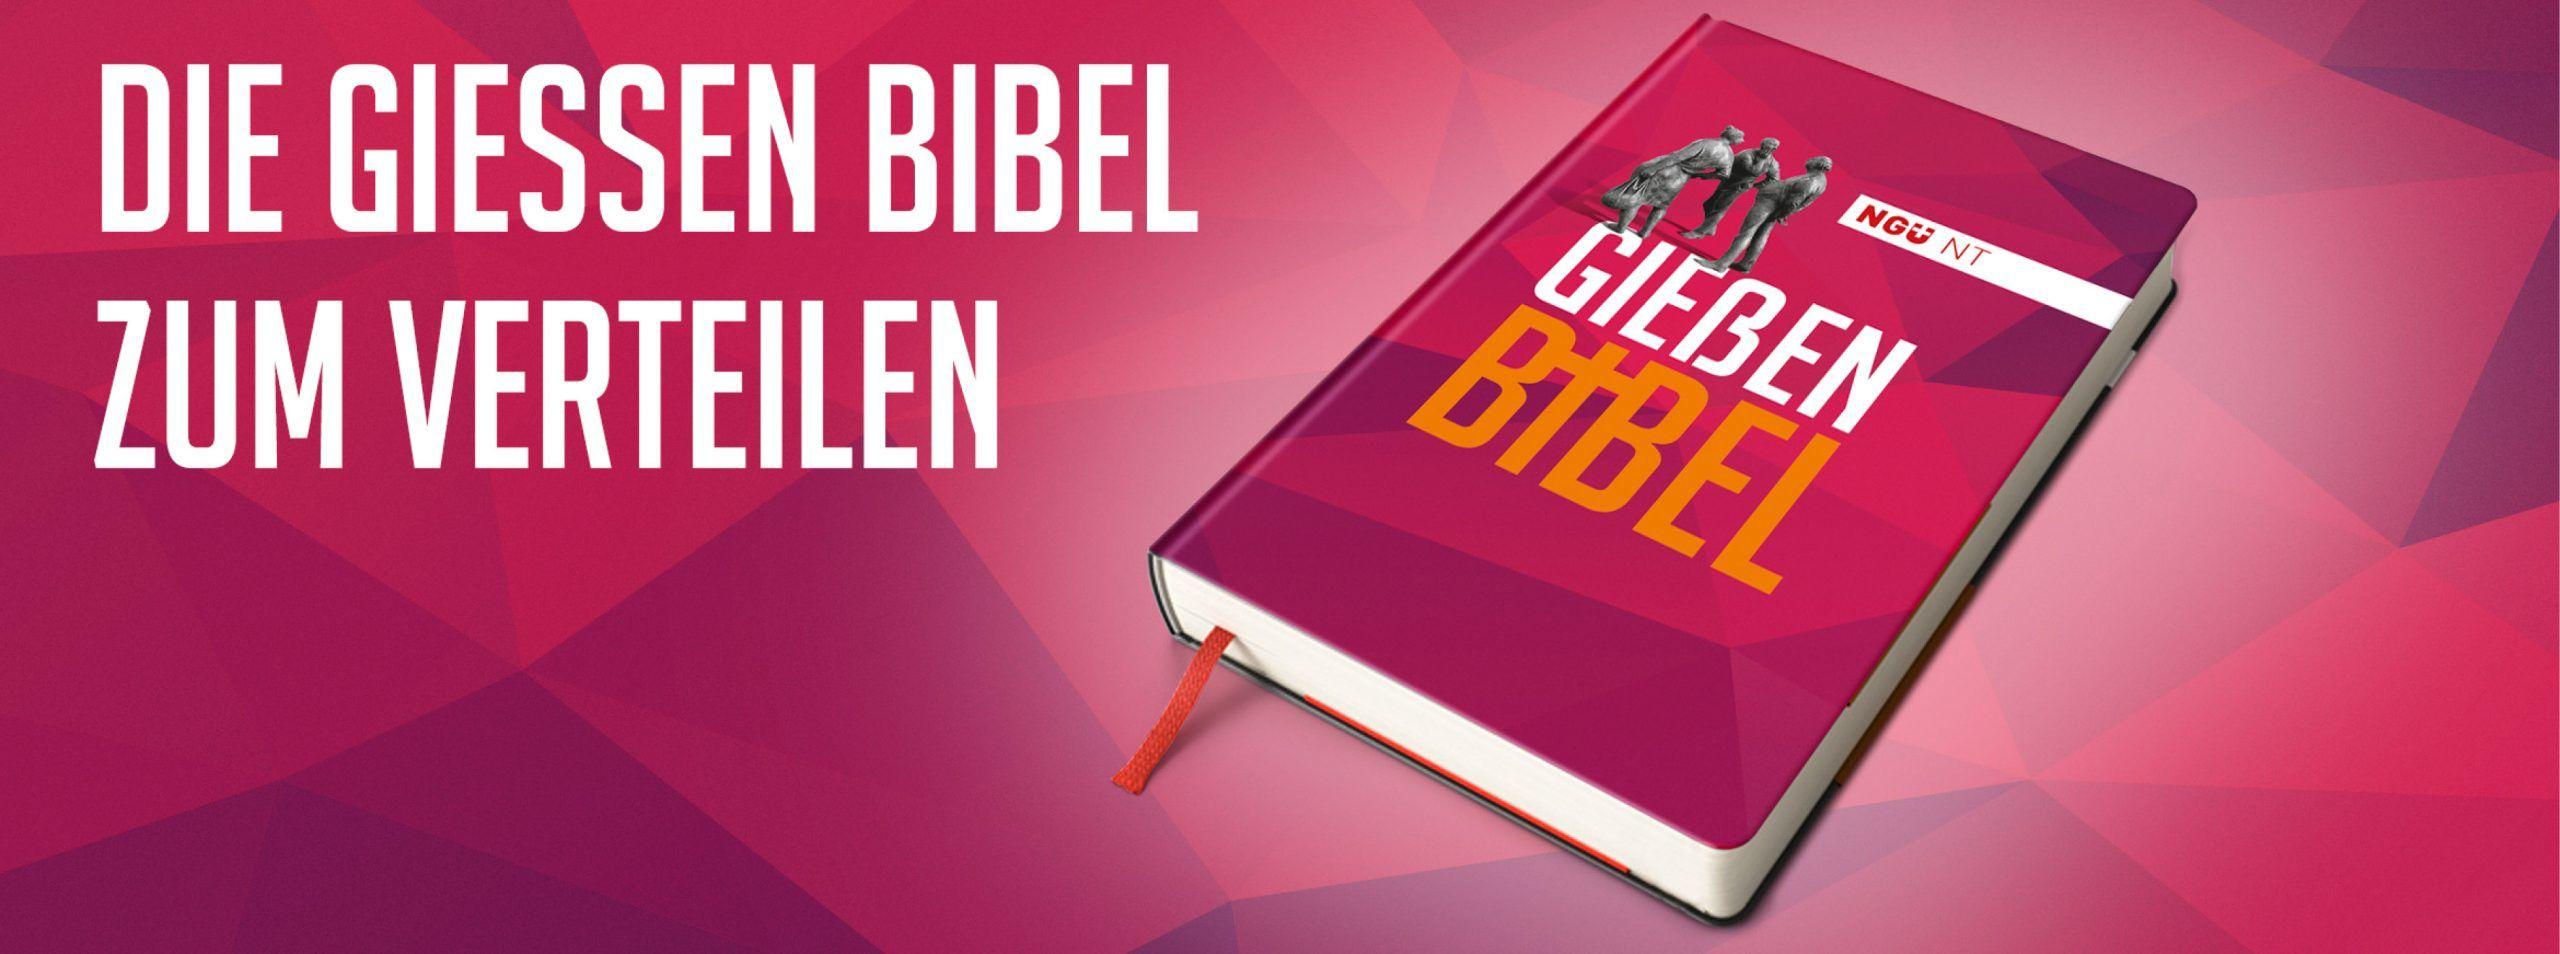 giessen-bibel